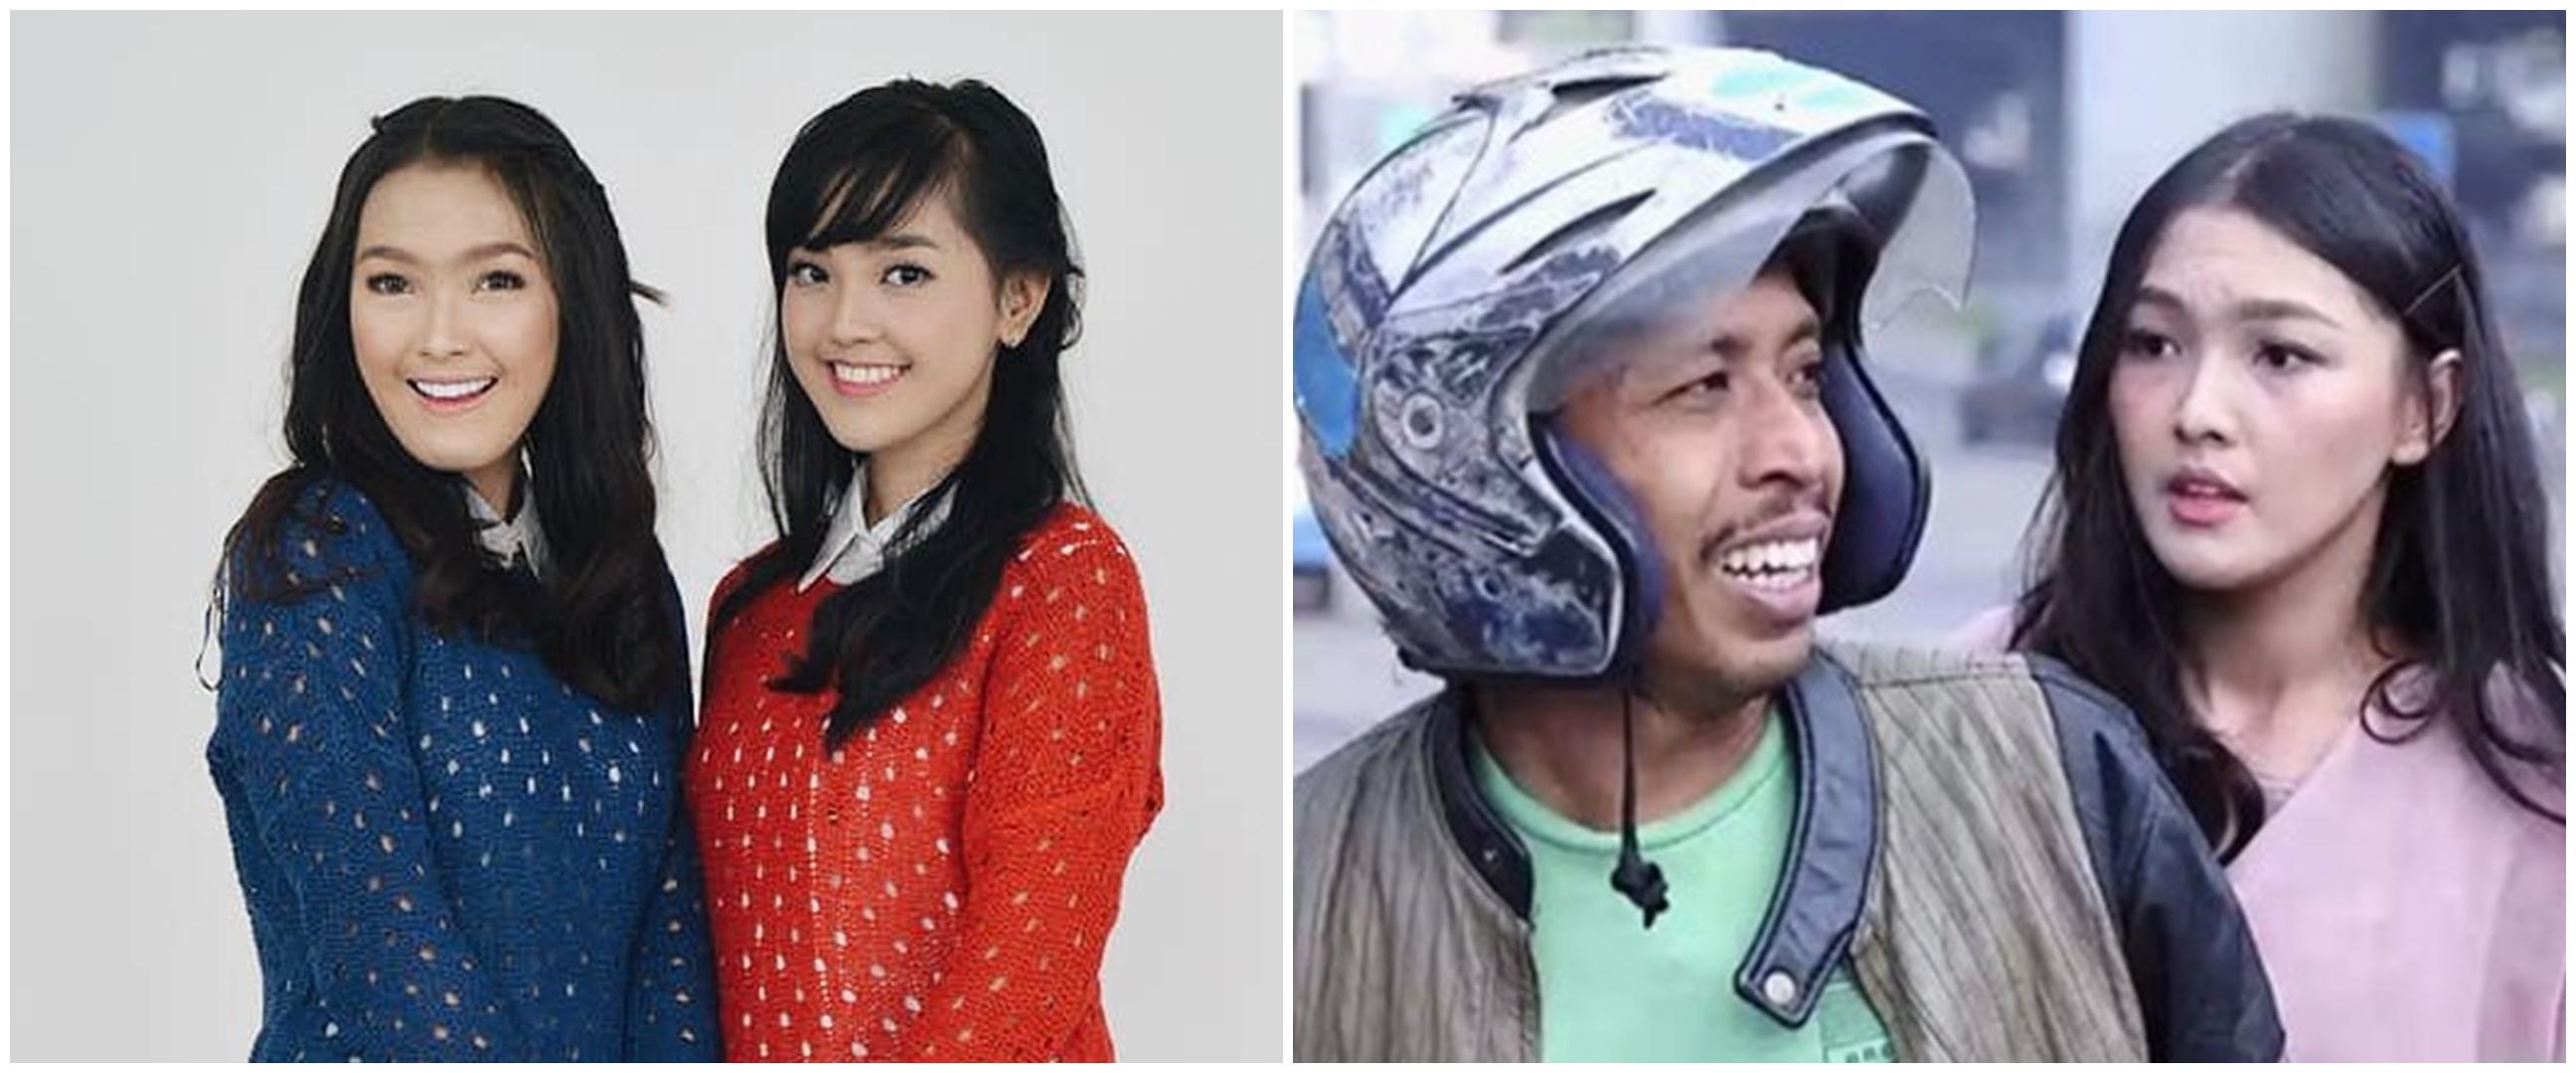 Jarang tersorot, ini 8 potret kompak pemeran Rinjani TOP & adiknya